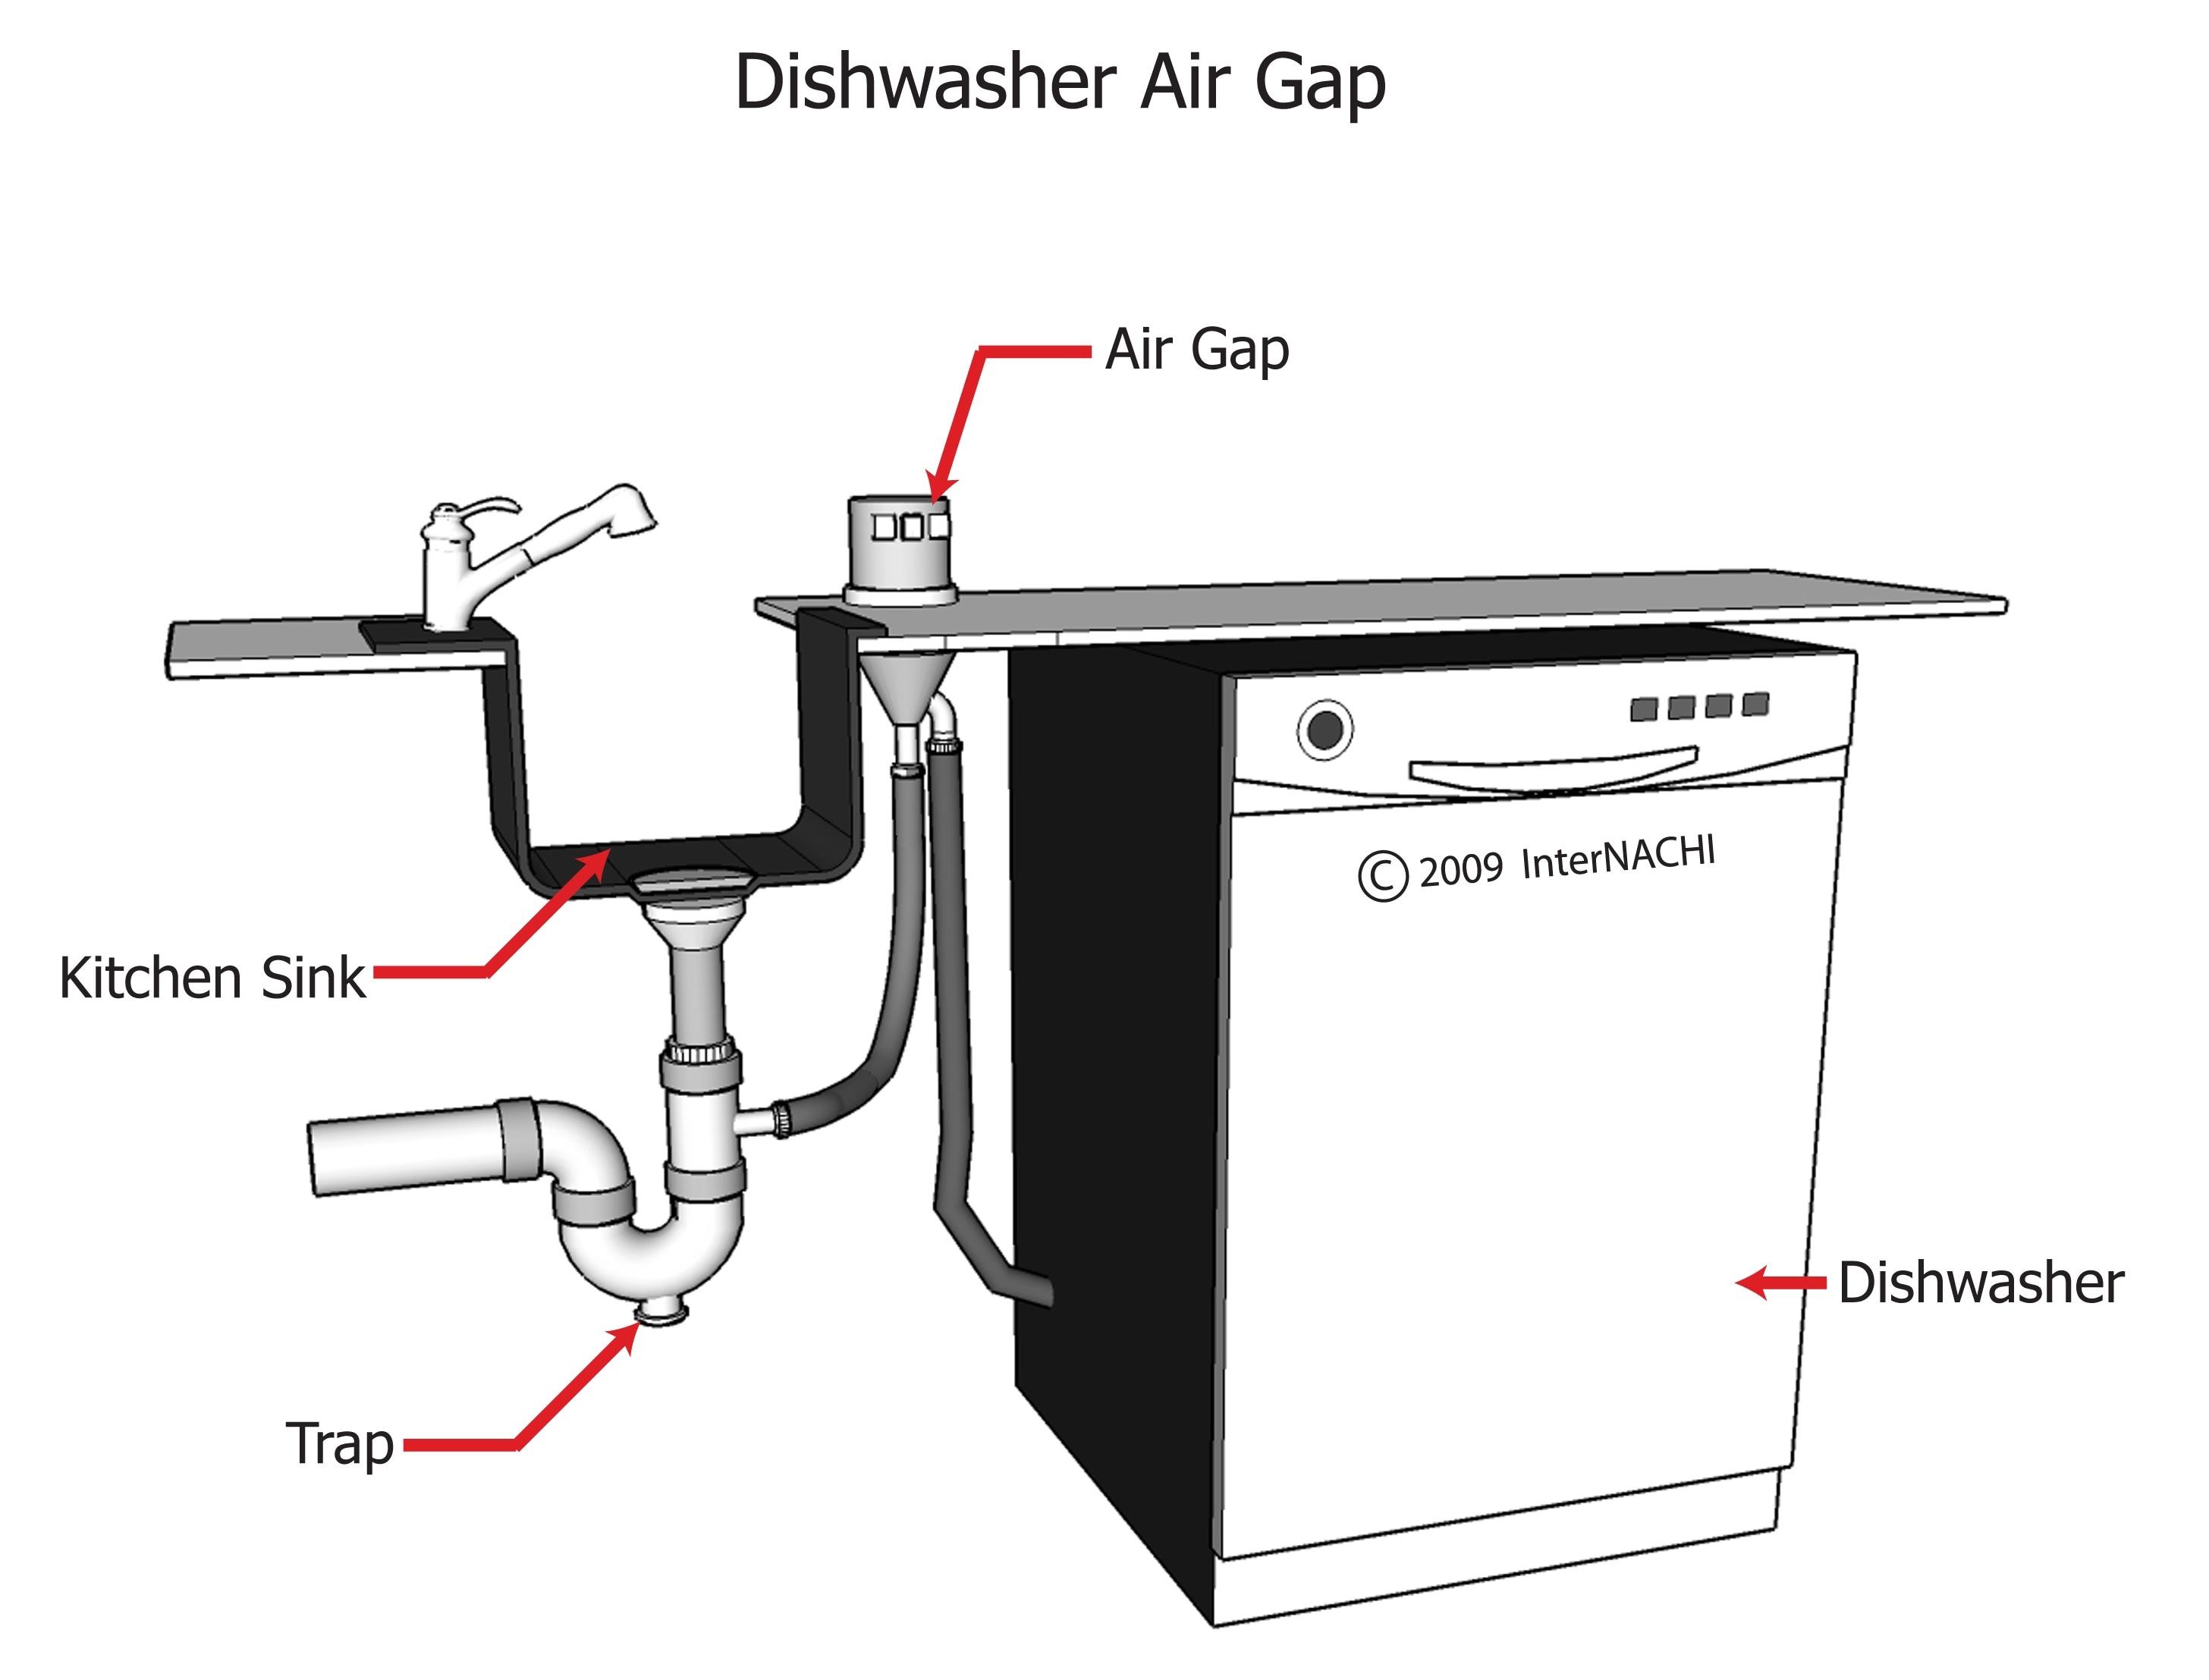 Plumbing Under Kitchen Sink Diagram With Dishwasher